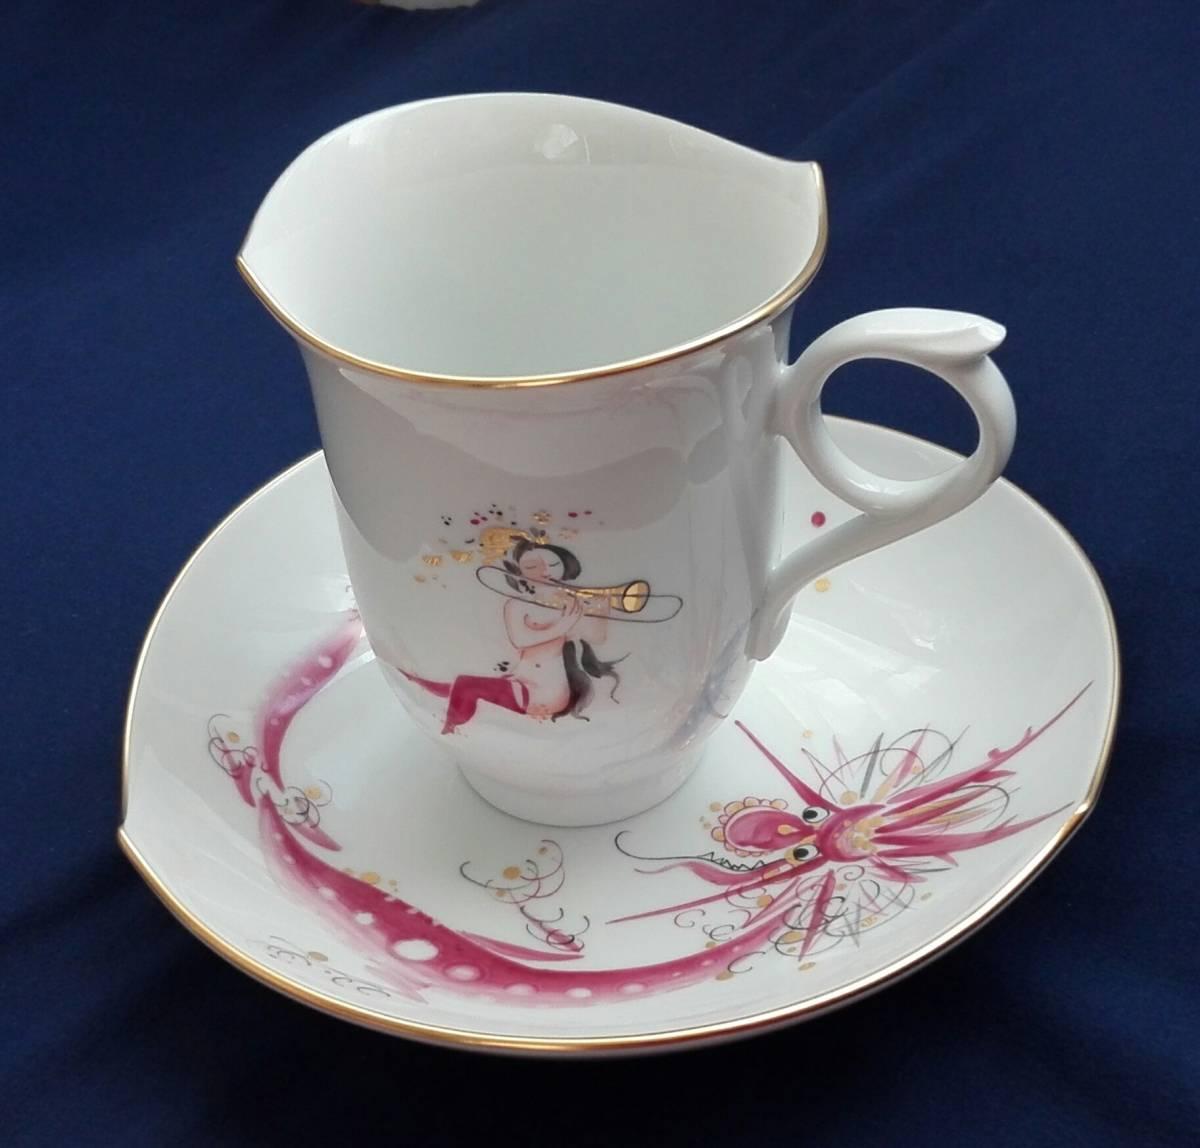 マイセンの人気コーヒーカップ&ソーサー 1客 新品未使用 送料無料_画像10